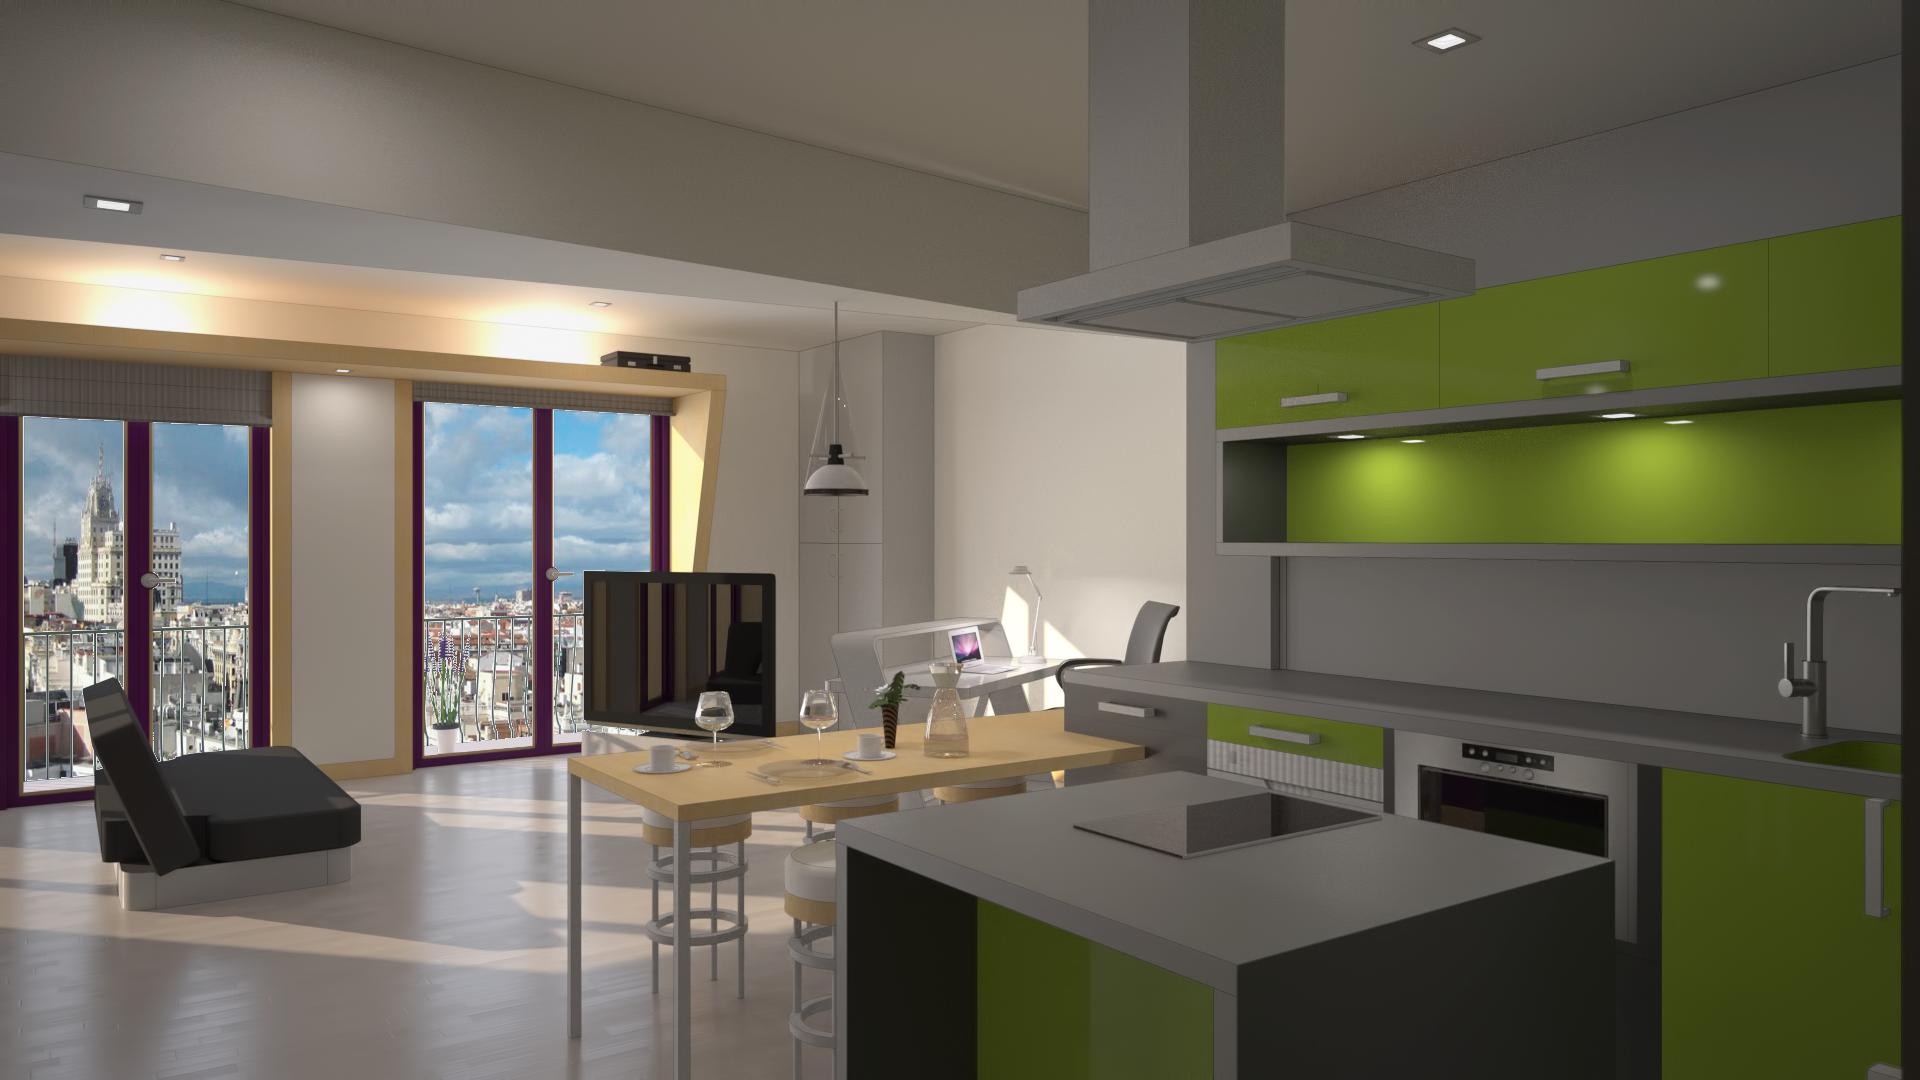 ideas de decoracion de estudio estilo diseado por miguel reguero arquitecto